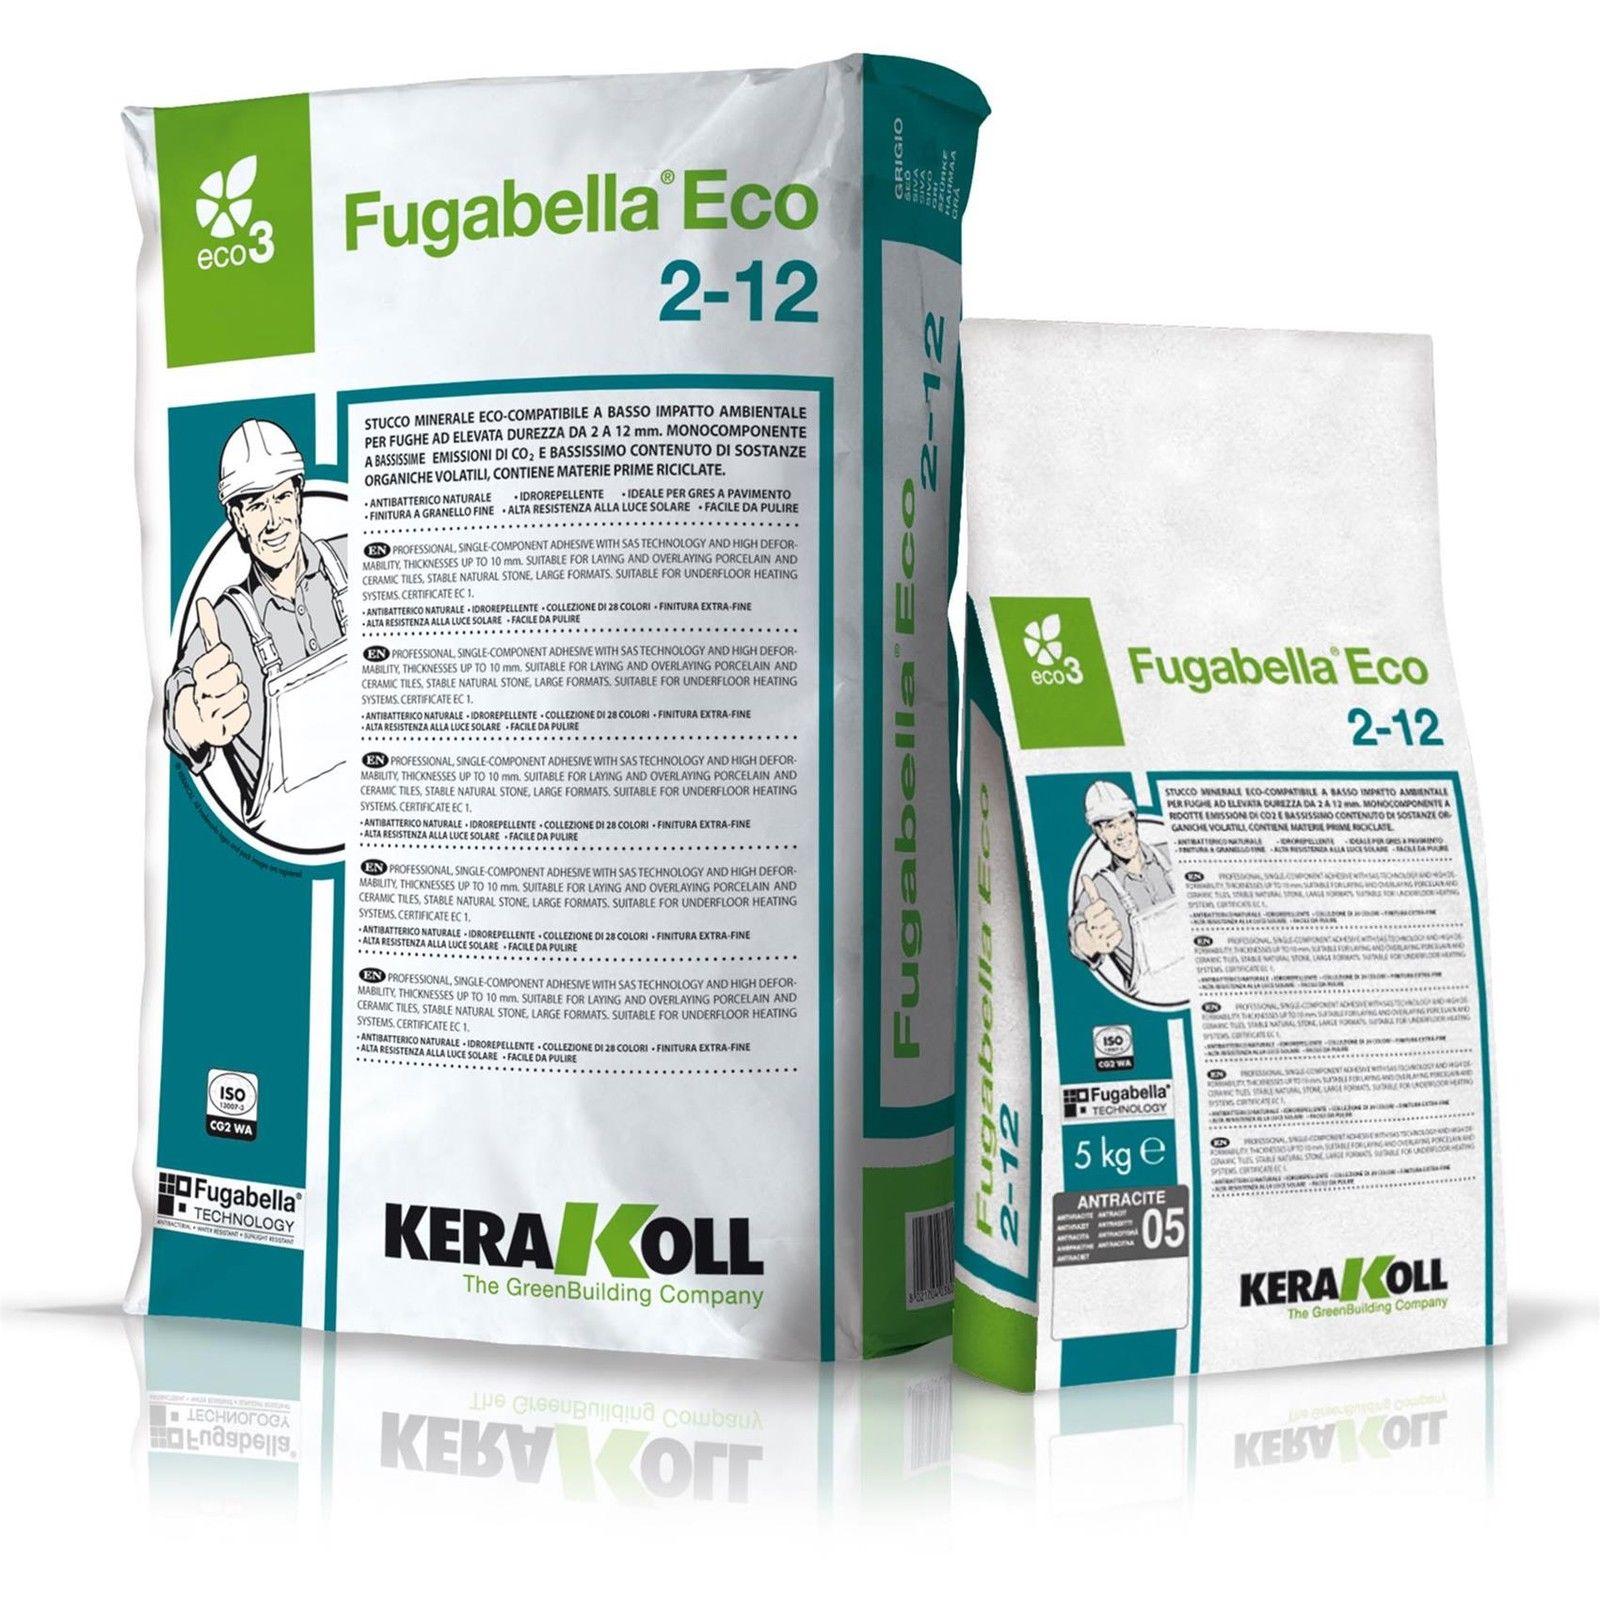 Kerakoll fugabella eco 2-12 stucco fuga per piastrelle colore terracotta kg5